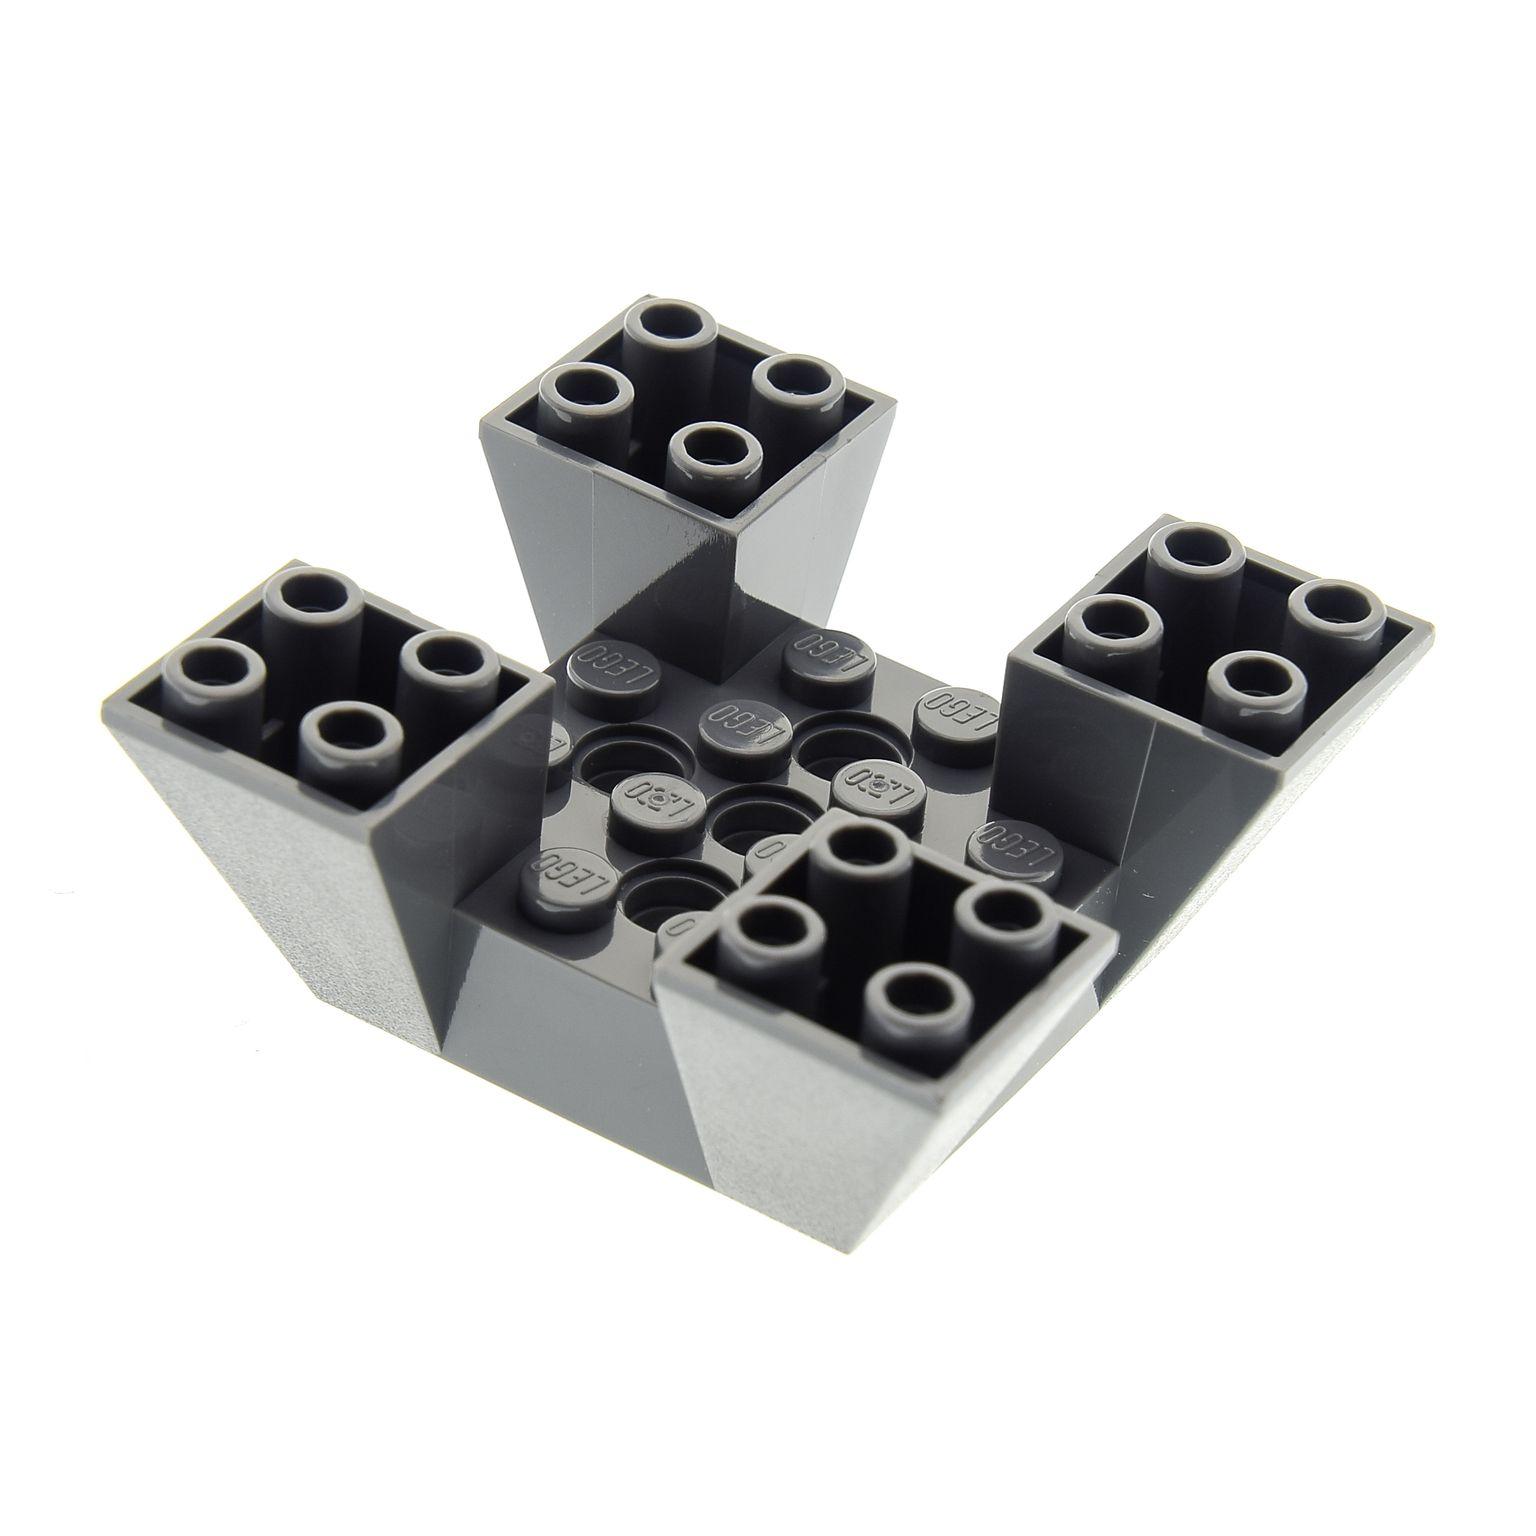 1 x Lego System Mauerteil neu-dunkel grau 6x6x2 Turm Burg Castle 4210640 30373